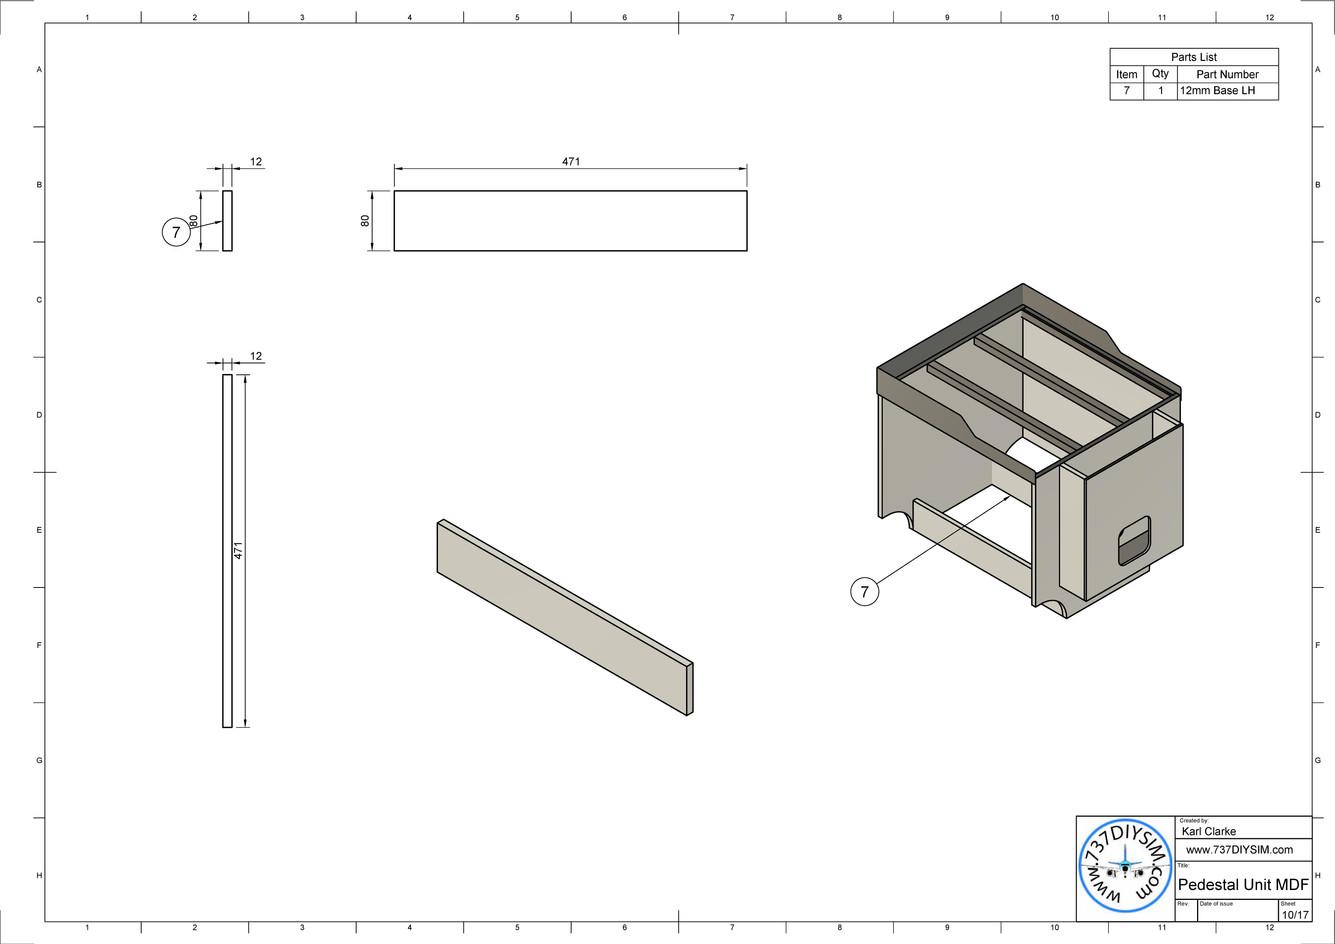 Pedestal Unit MDF Drawing v2-page-010.jp